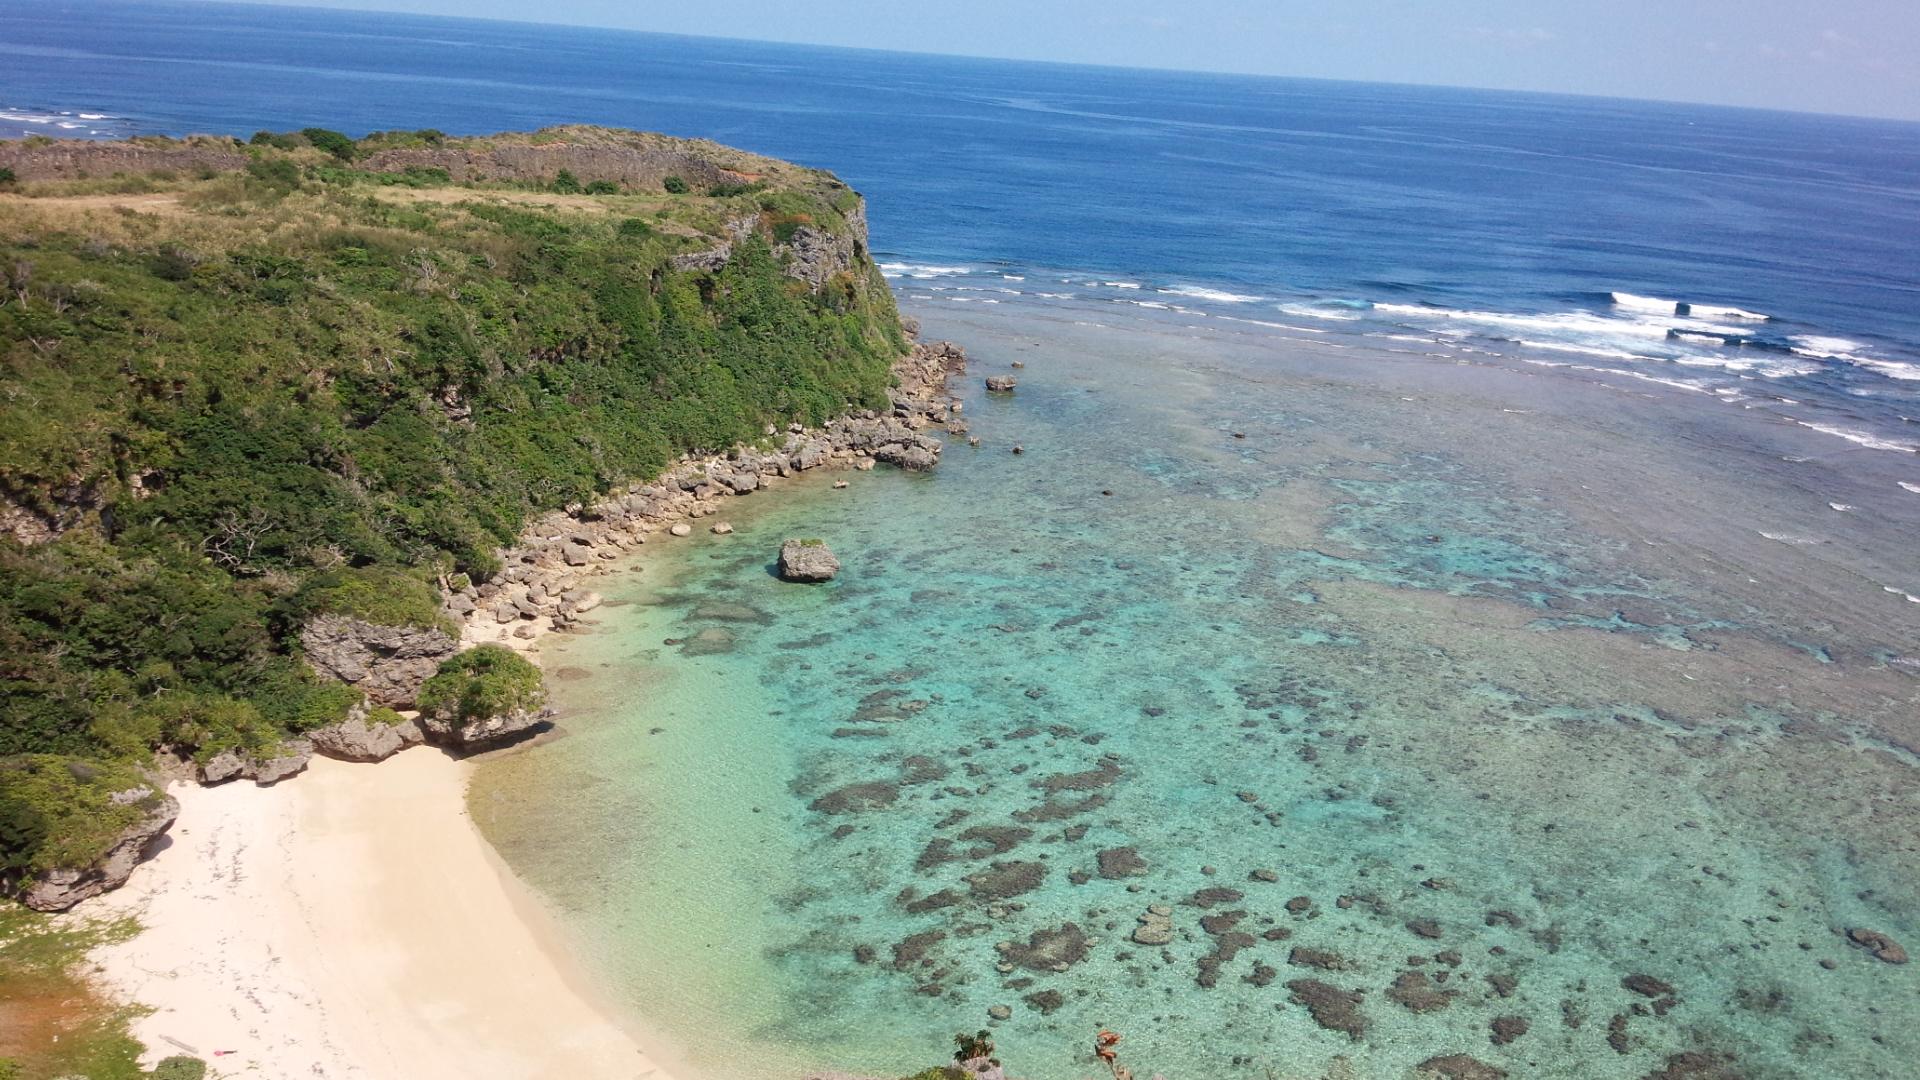 ハワイ越えを狙う沖縄